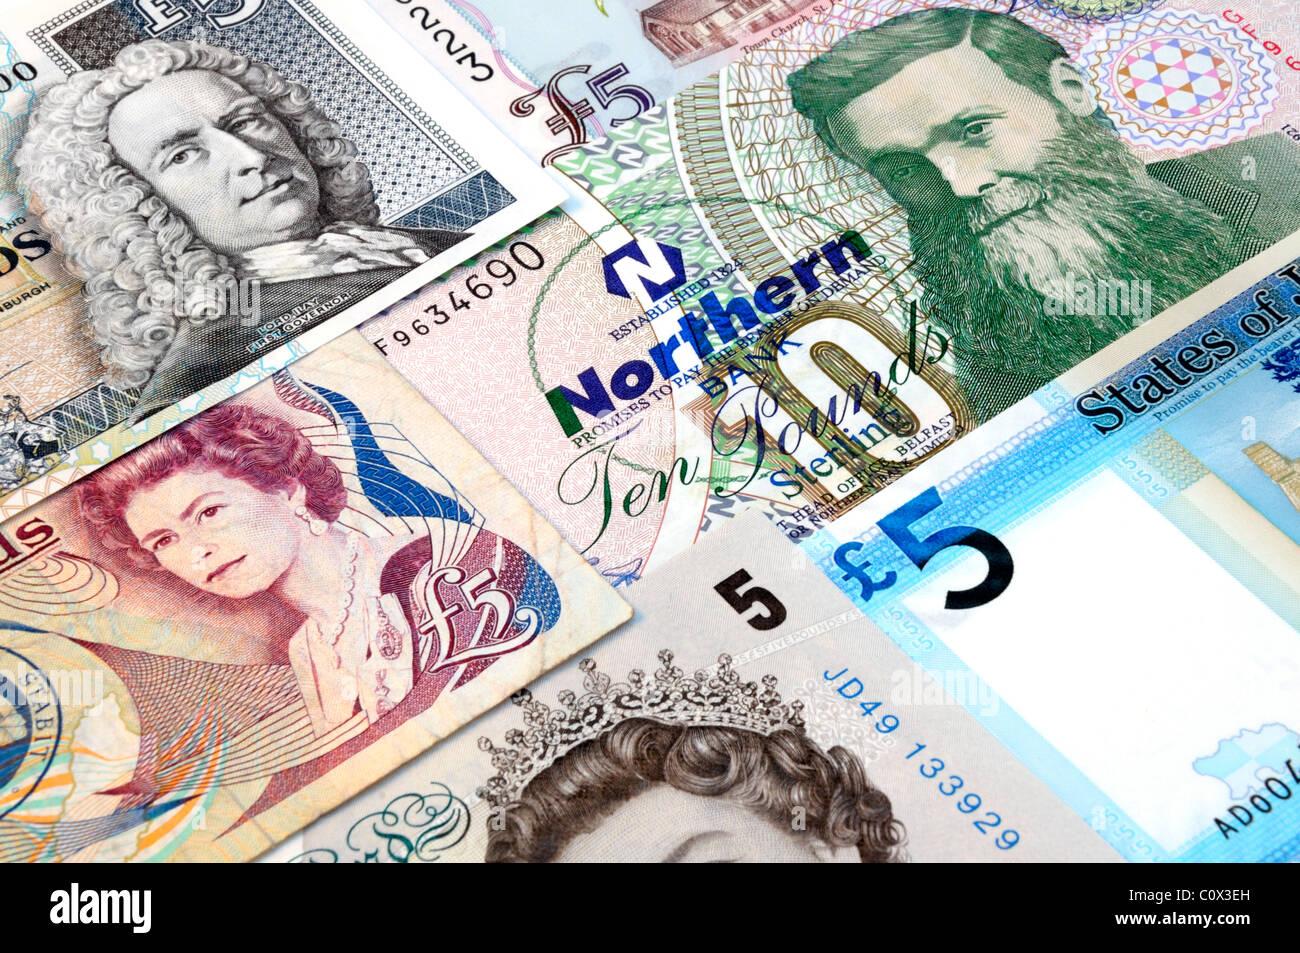 Royaume-uni les billets de banque. Photo Stock